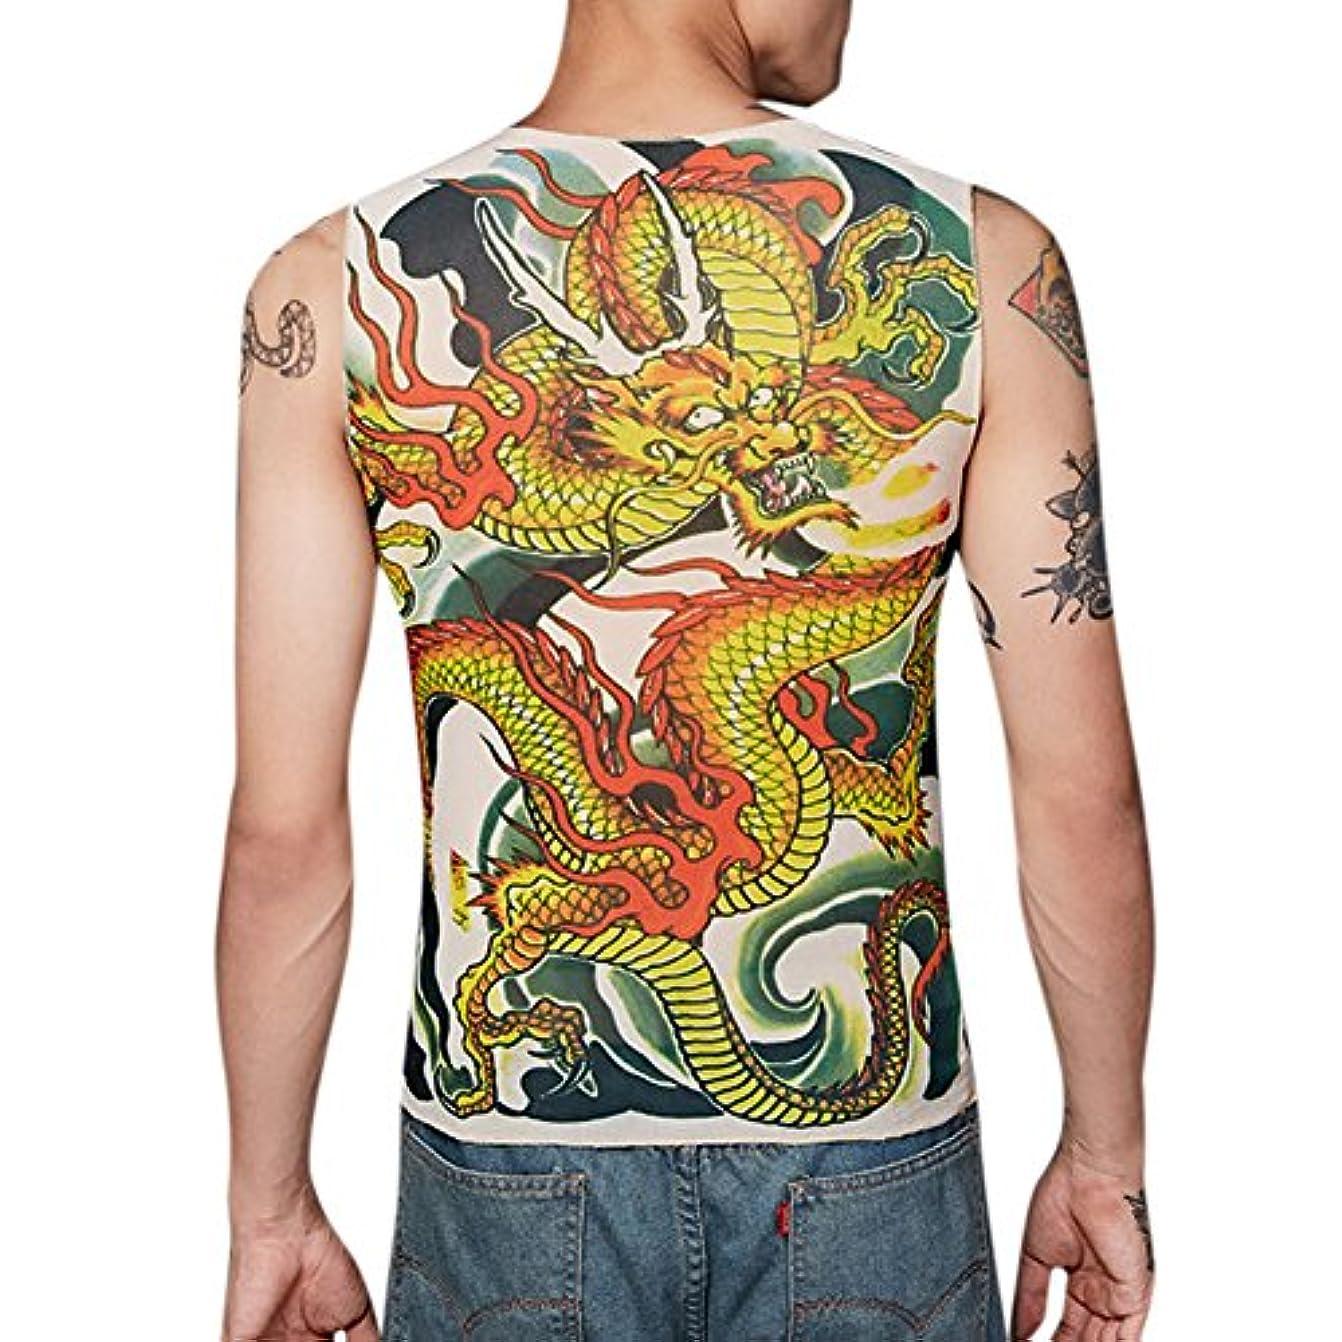 間違い持続的ささやきLiebeye タトゥーシャツ メンズ 男性 おしゃれ かっこいい 和柄 刺青 入れ墨 細身 紫外線対策 日焼け止め レジャー 通気 ベスト フリーサイズ 極道